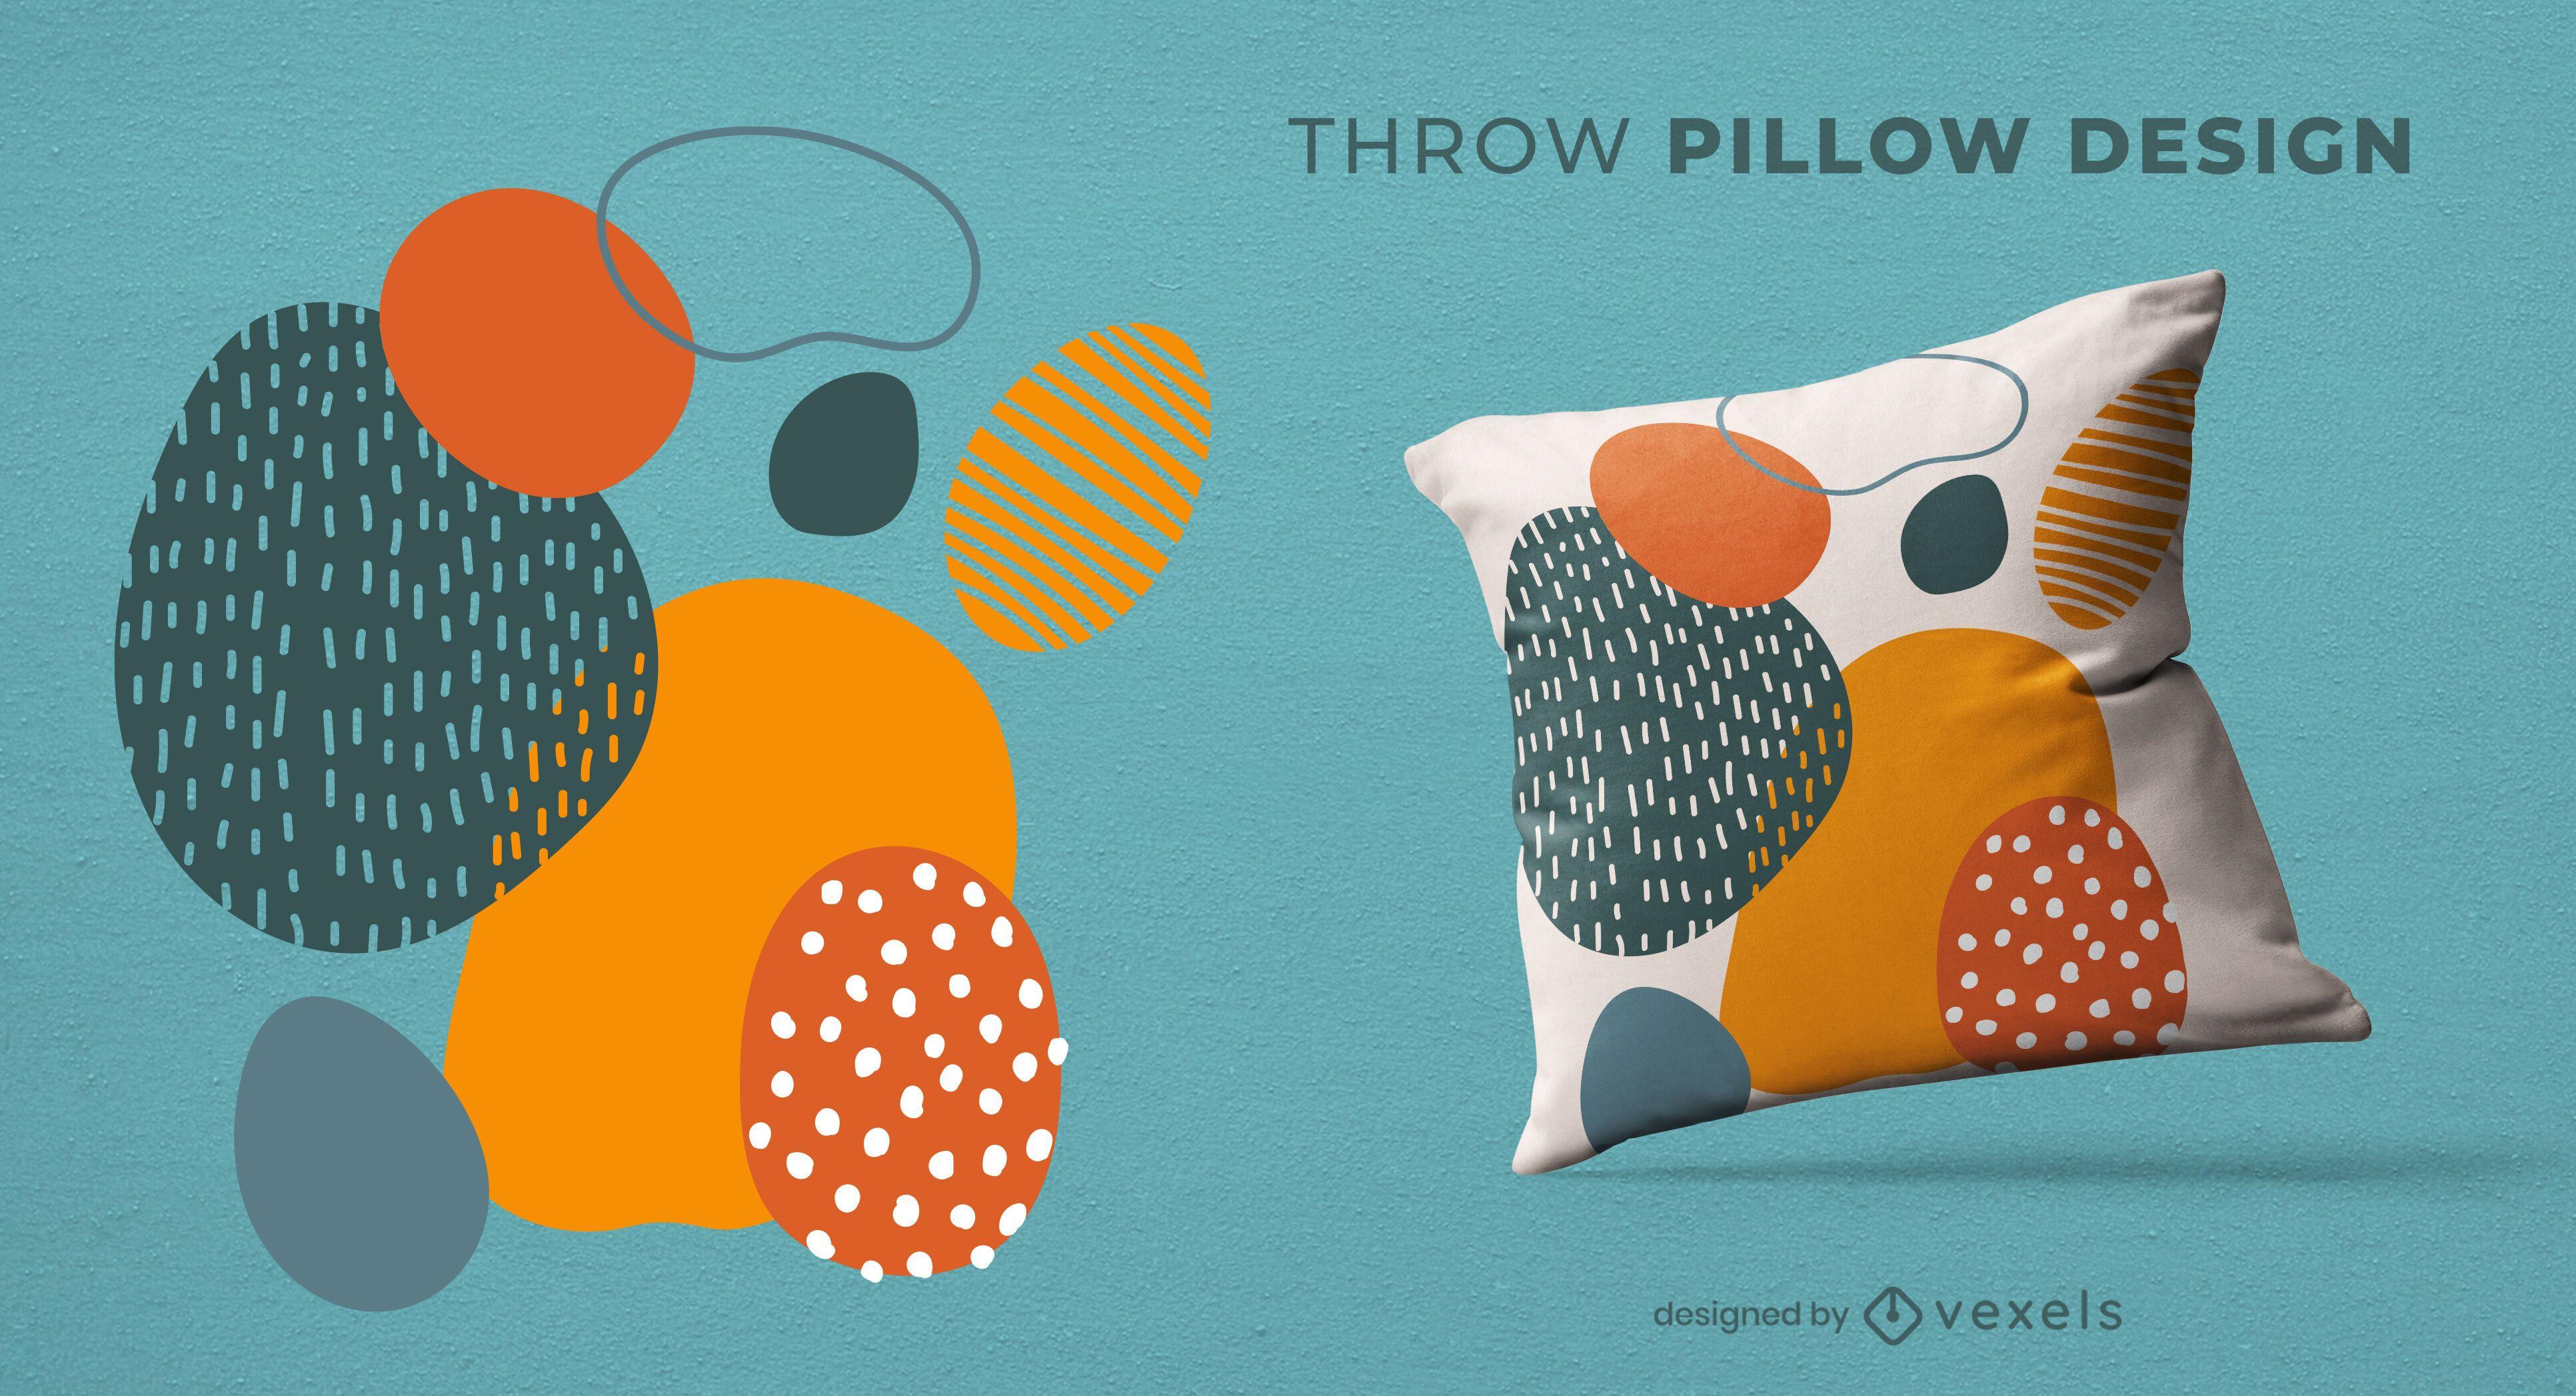 Diseño de almohada de tiro de formas artísticas